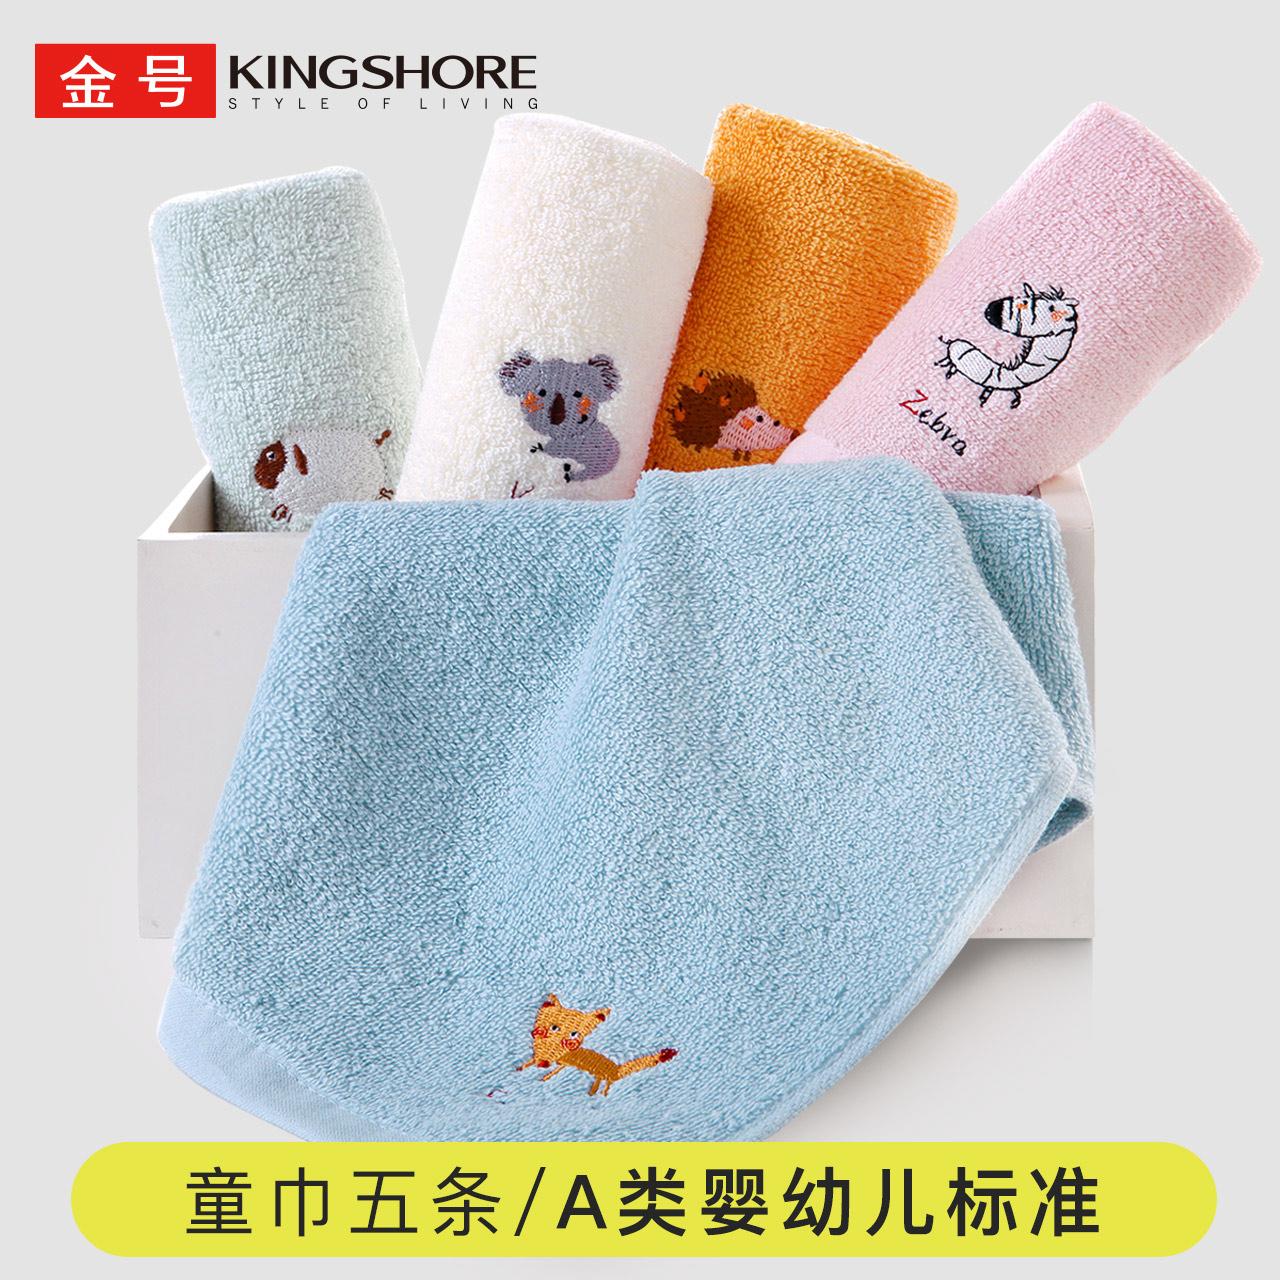 欧盟信心纺织品、A类婴儿标准:5条 金号 长绒棉儿童小毛巾